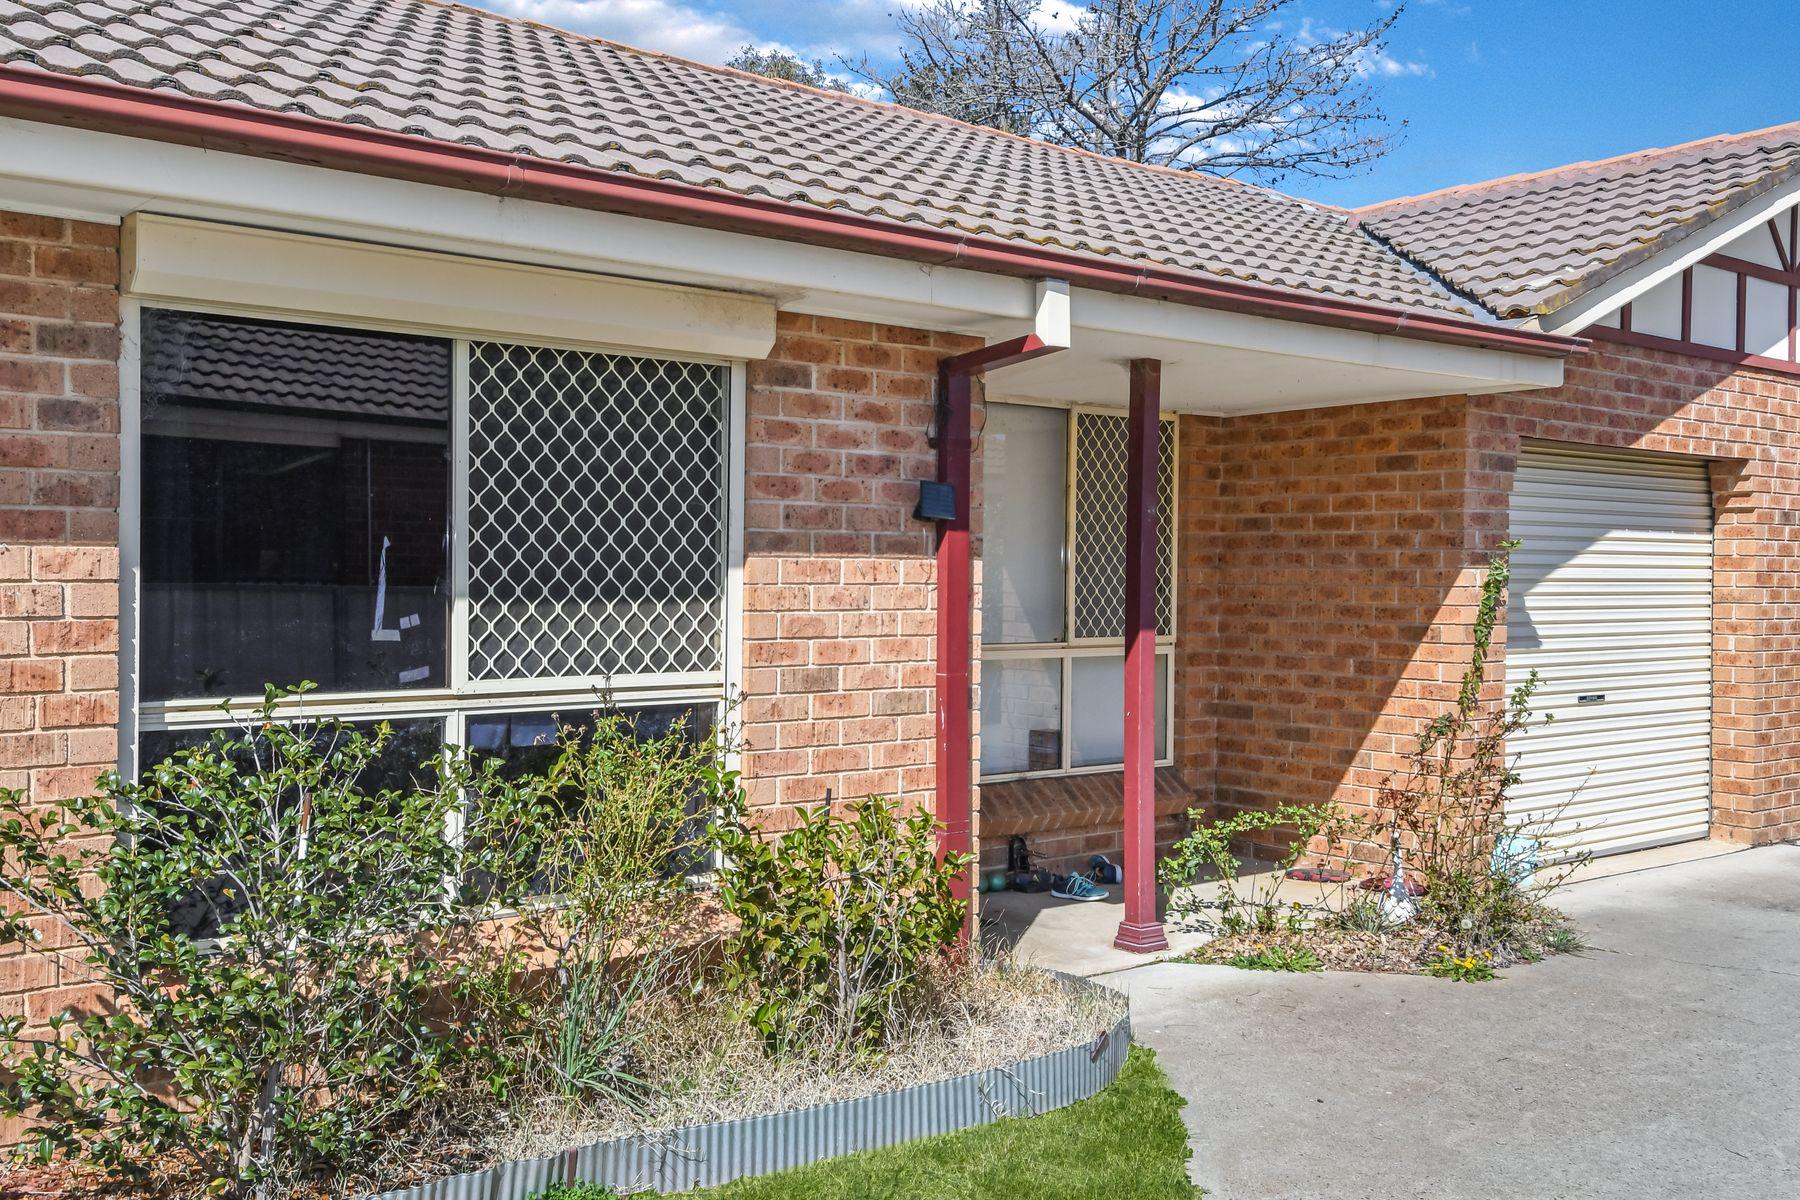 2/64 Bonnor Street, Kelso, NSW 2795